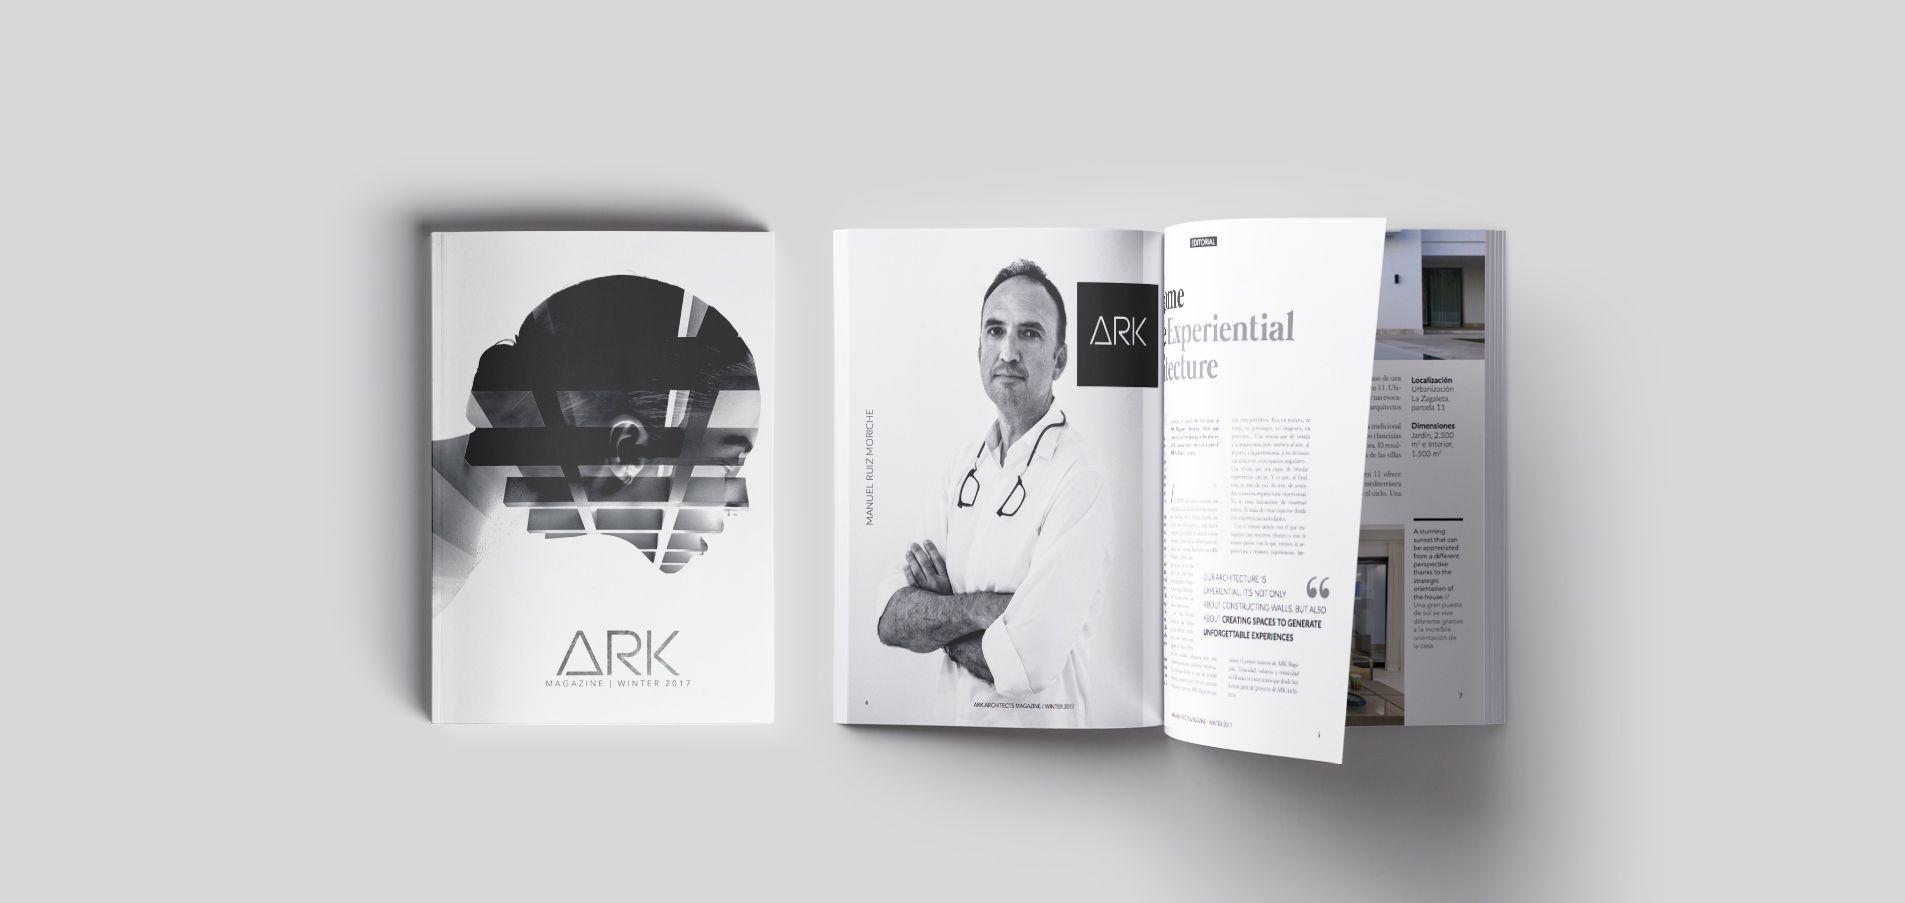 Nace ARK Magazine, una gran revista para los amantes del lujo y la arquitectura experiencial